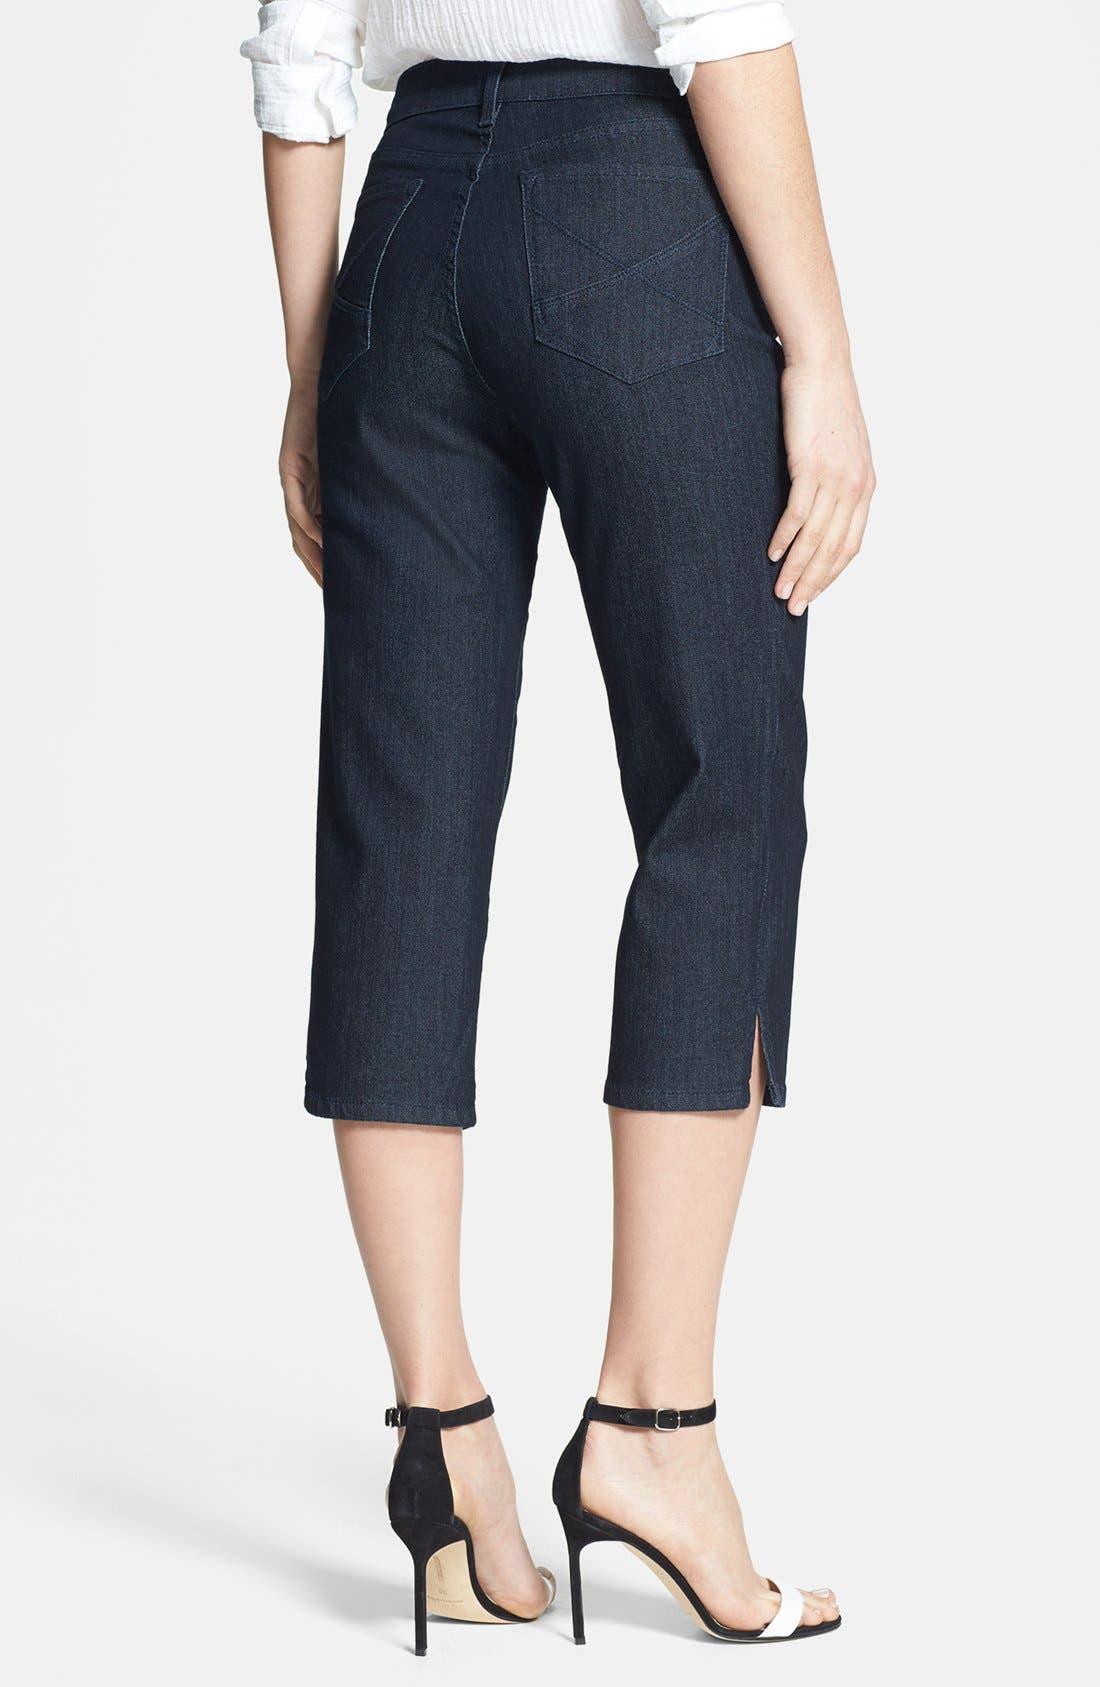 Alternate Image 2  - NYDJ 'Hayden' Stretch Denim Crop Jeans (Dark Enzyme) (Petite)